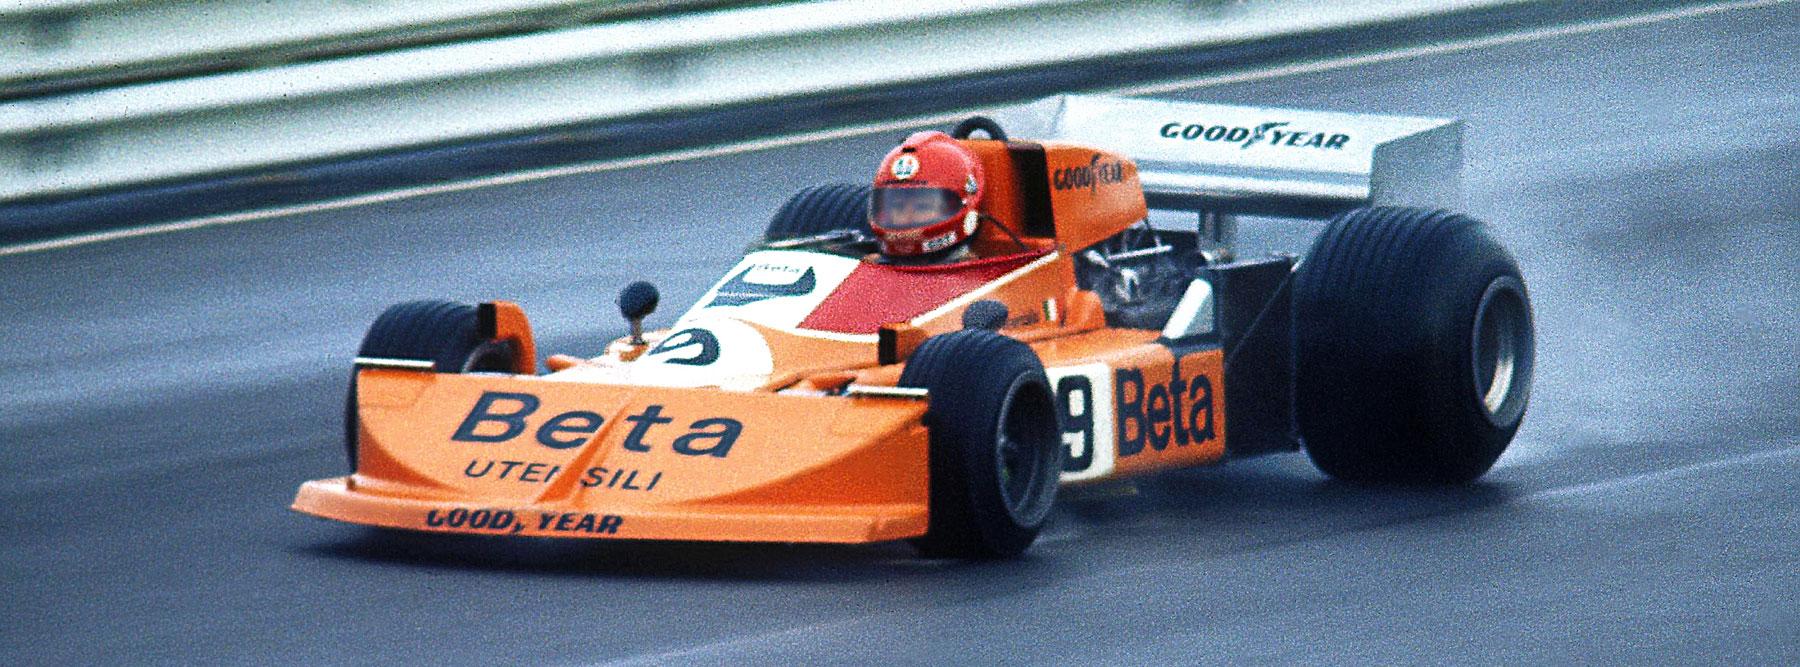 La magnifica storia del GP D'Austria